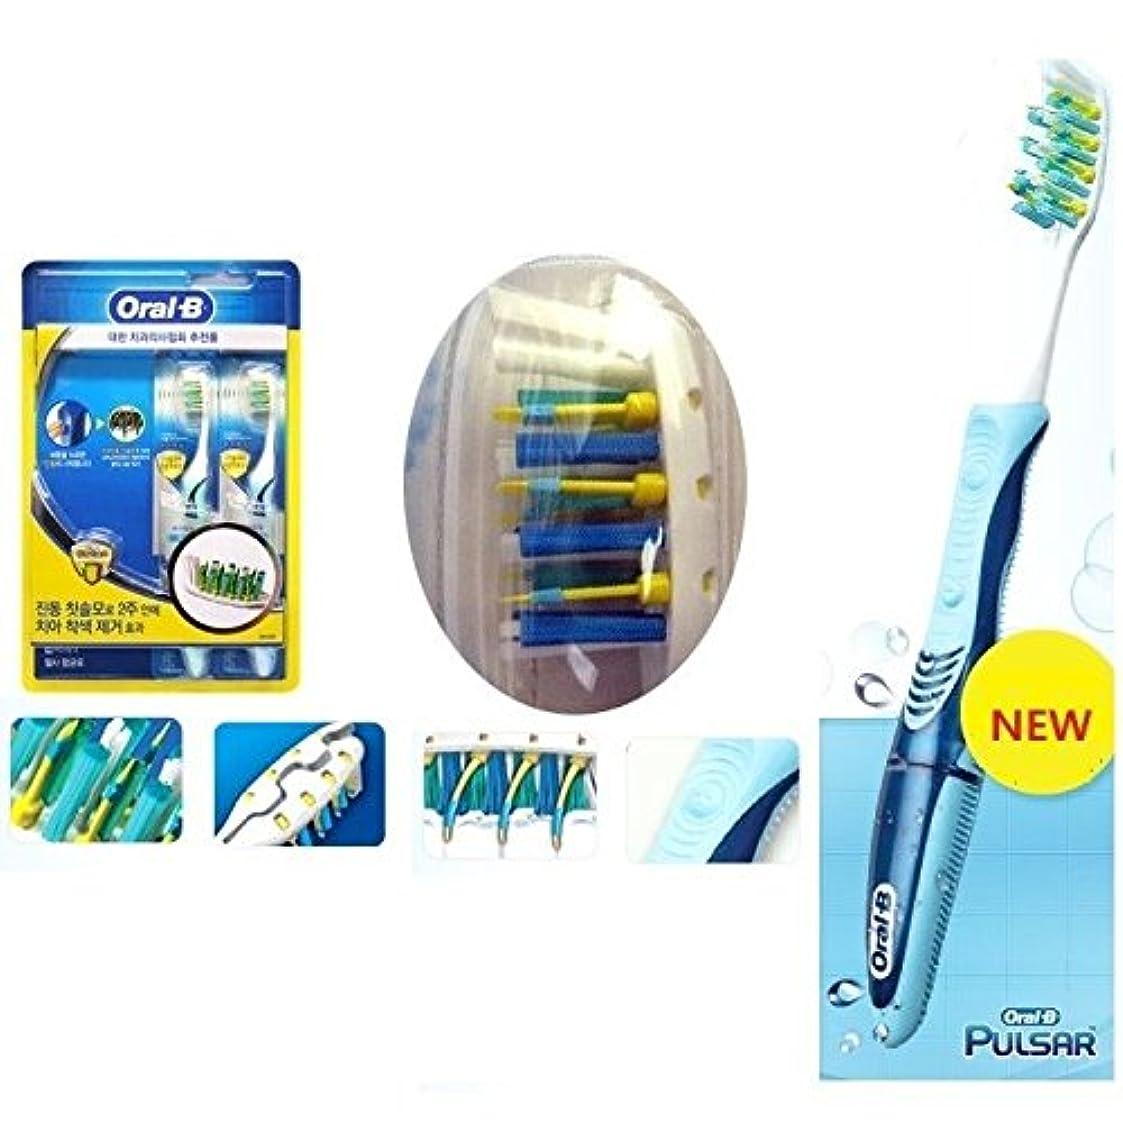 アリーナショップ分離Braun Oral-B 2枚組パルサー歯ブラシミディアム35ソフトブラウン 35S 2枚組 [並行輸入品]